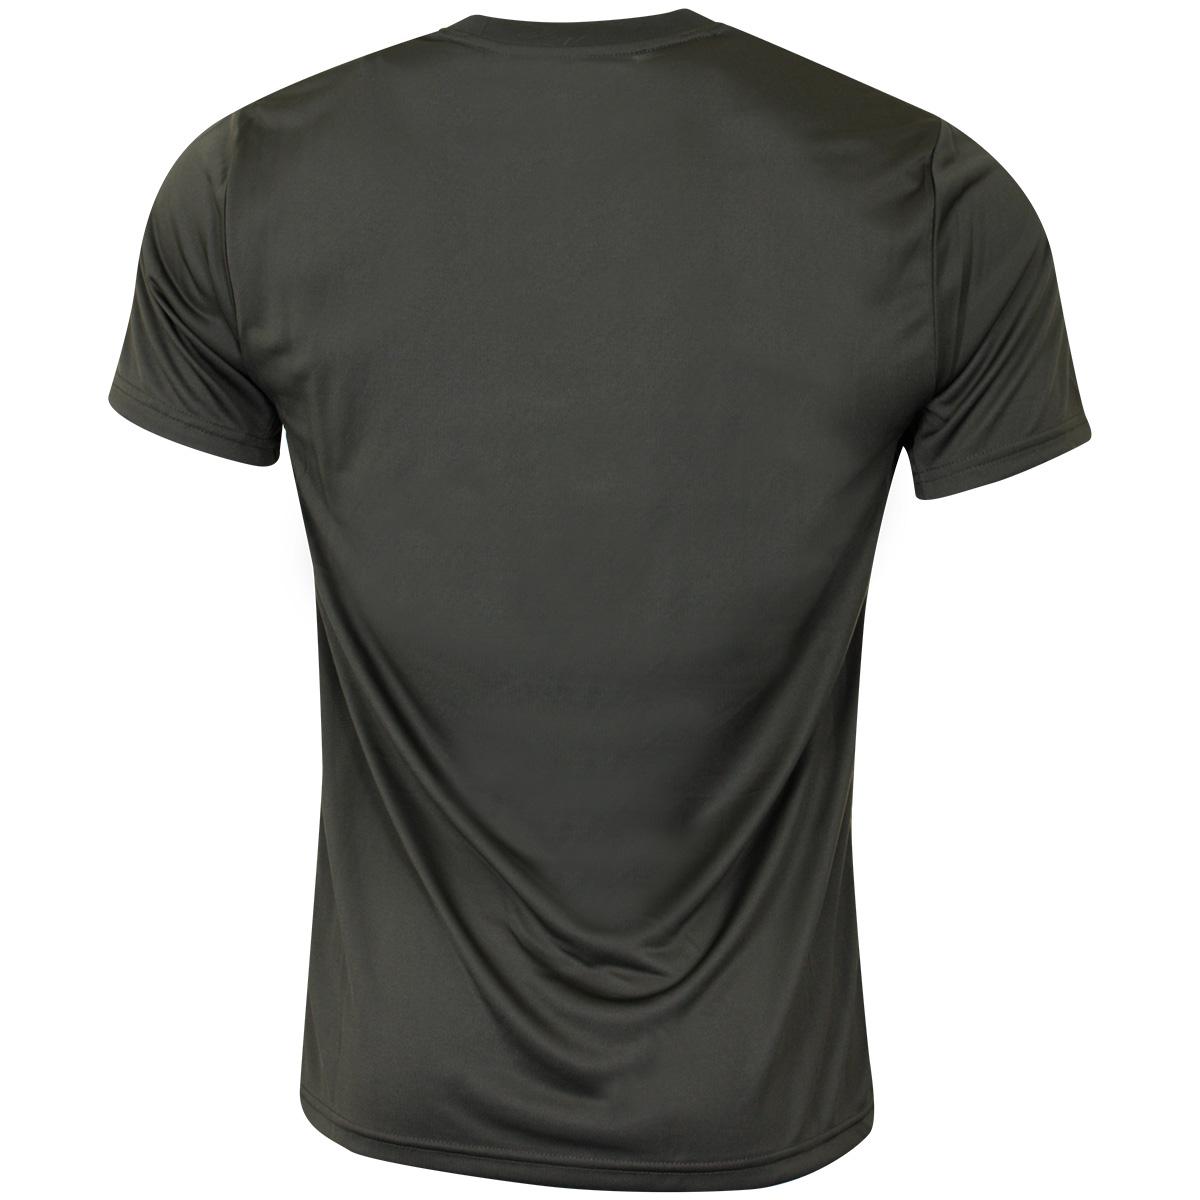 Calvin-Klein-Golf-Mens-2019-Harlem-Lightweight-Quick-Drying-Crew-Neck-T-Shirt miniatuur 11